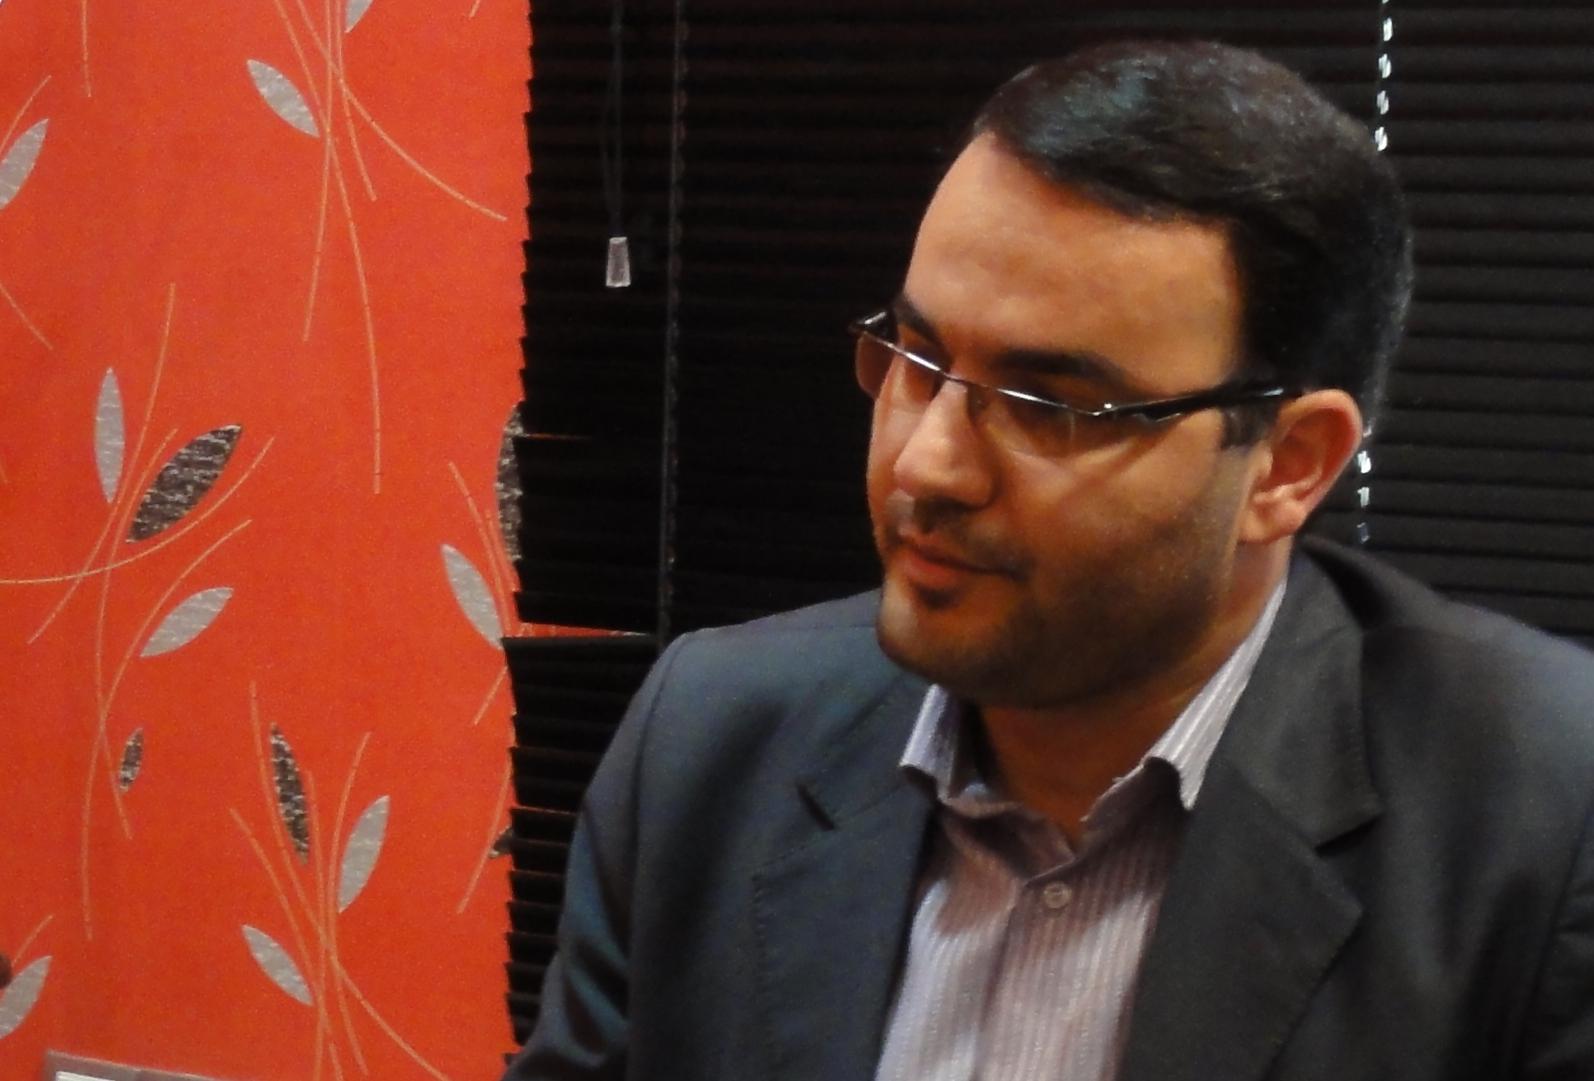 منتخب مردم اصفهان در شورای شهر در گفت و گو با ایسنا: شورای پنجم اصول بنیادینی برای اداره شهر دارد